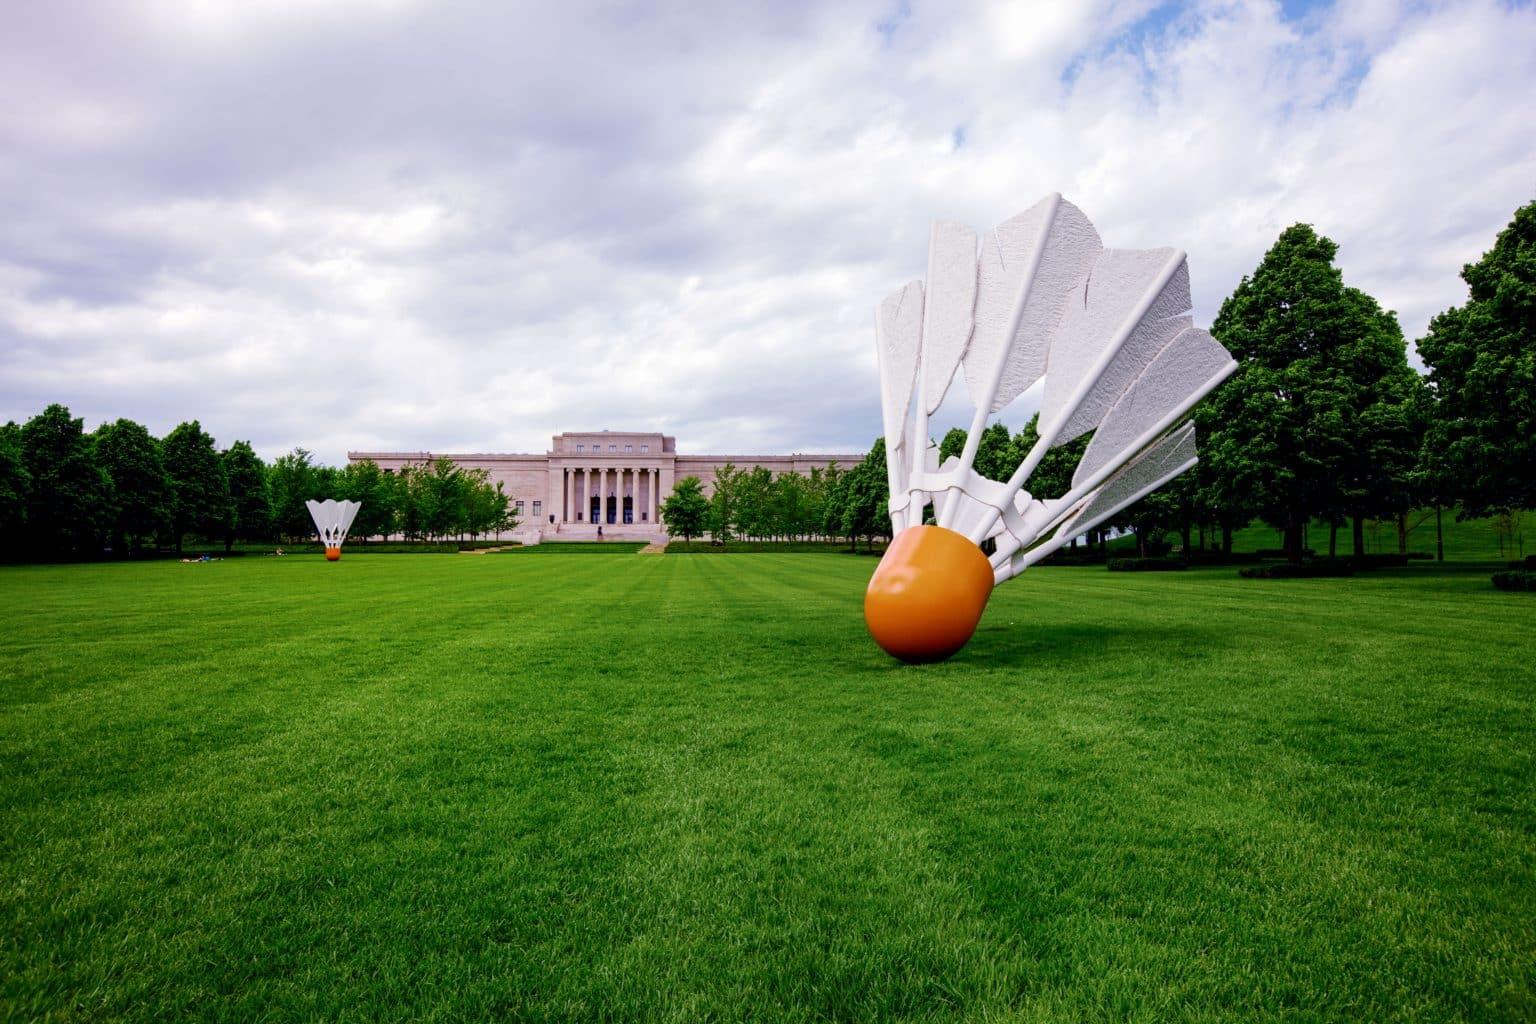 volant de badminton géant sur une pelouse avec un bâtiment du Nelson Atkins Art Museum au fond